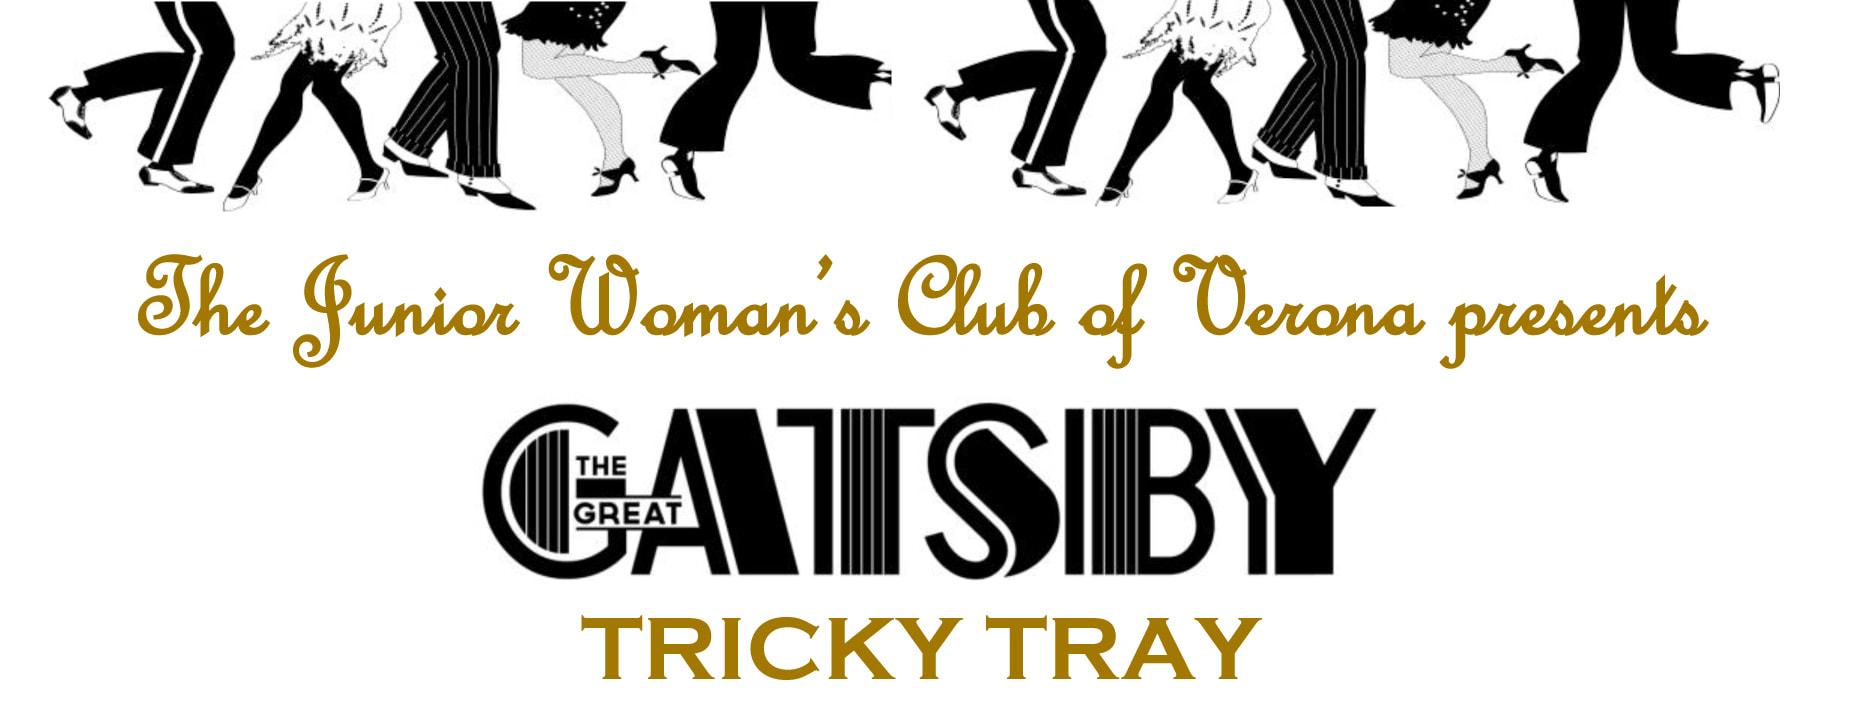 100+ Tricky Tray Donations New Jersey – yasminroohi